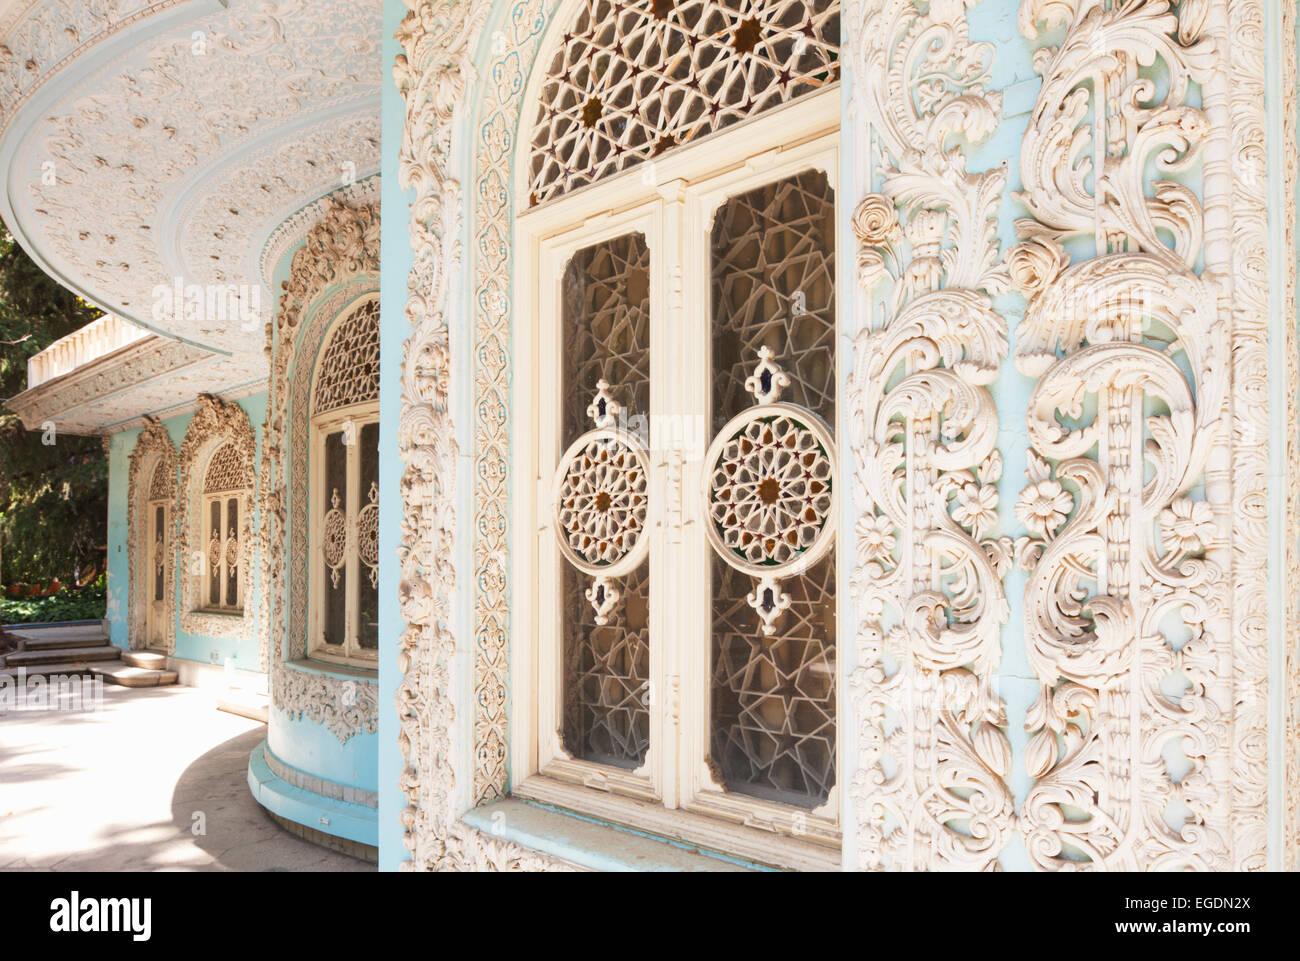 Museo de tiempo, Teherán, Irán Imagen De Stock